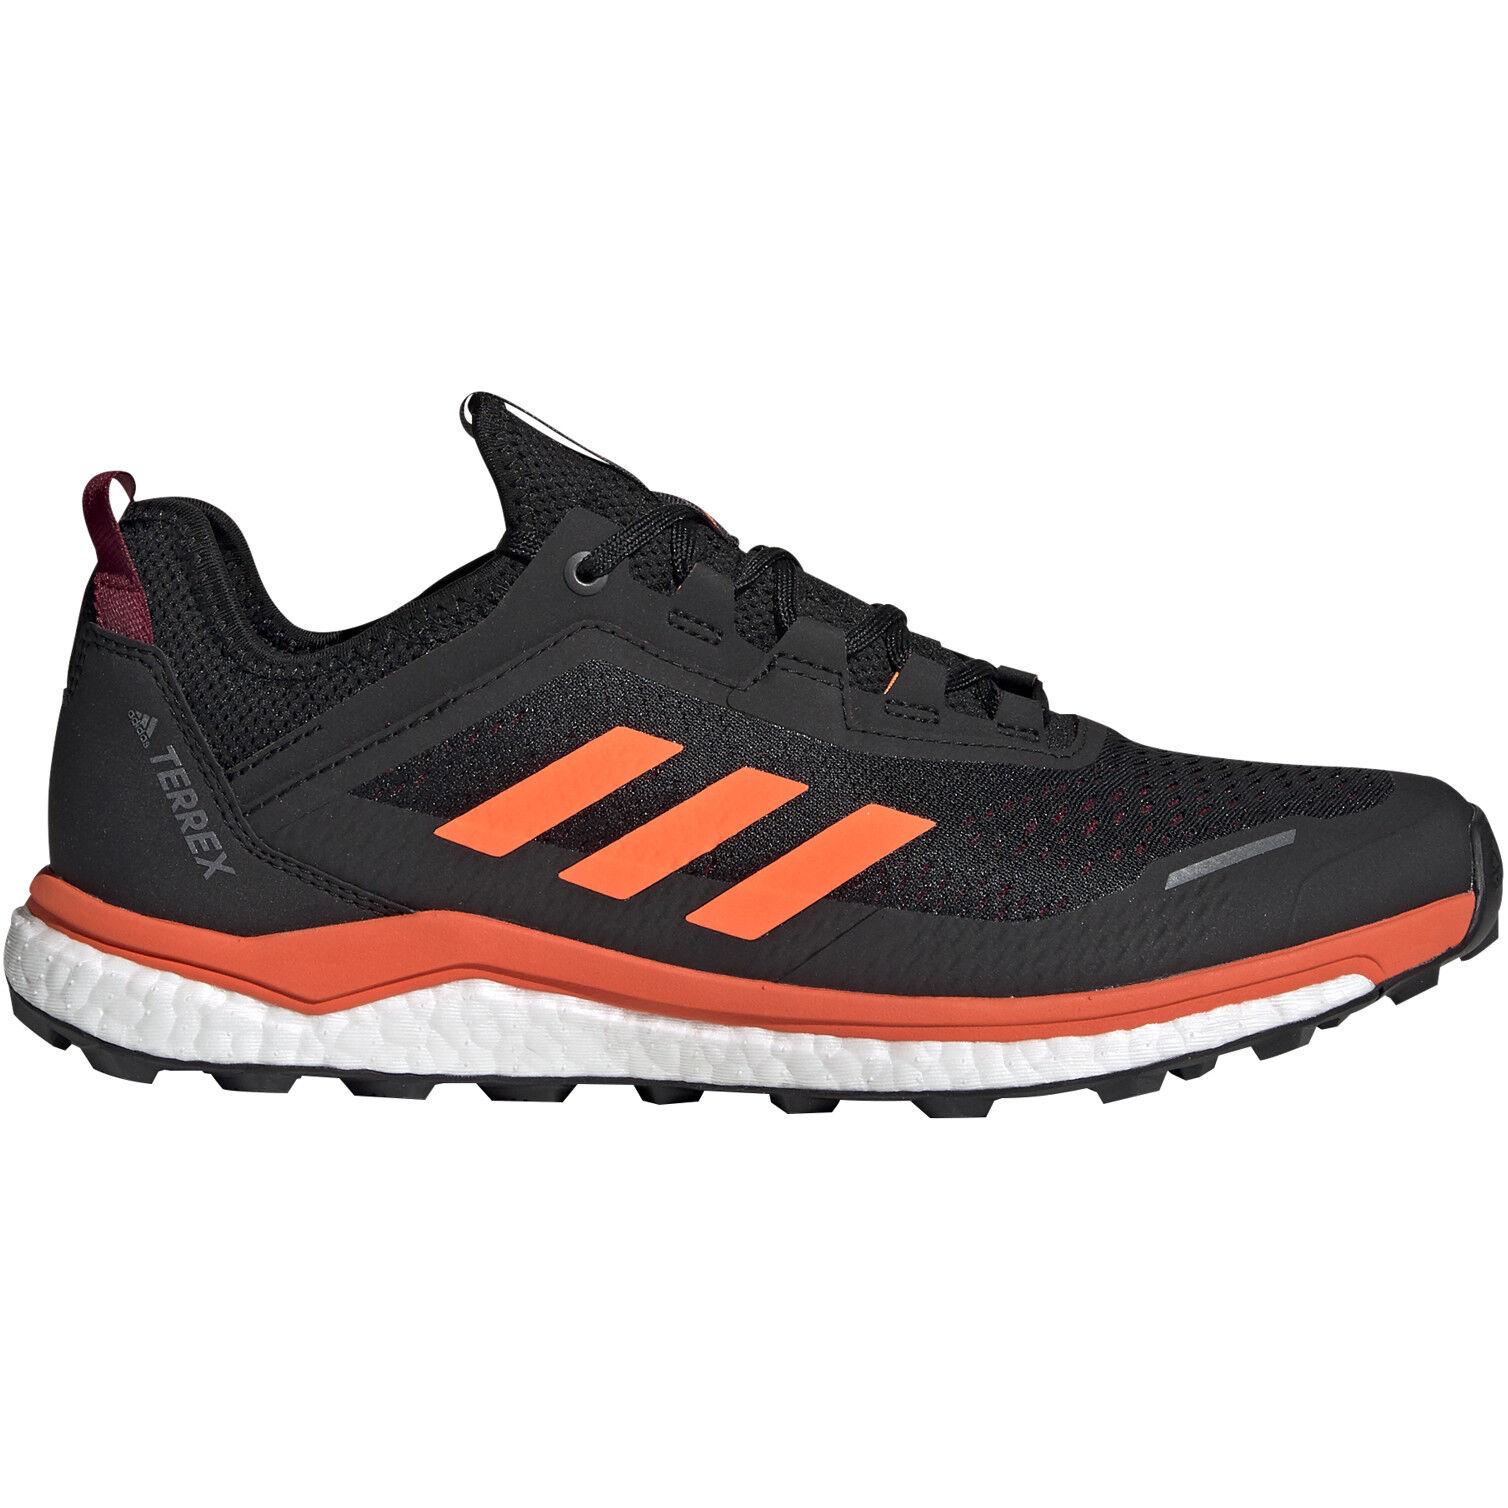 buy online 71a51 705f5 Günstig Herren Herren Schuhe Adidas Günstig Schuhe Kaufen ...